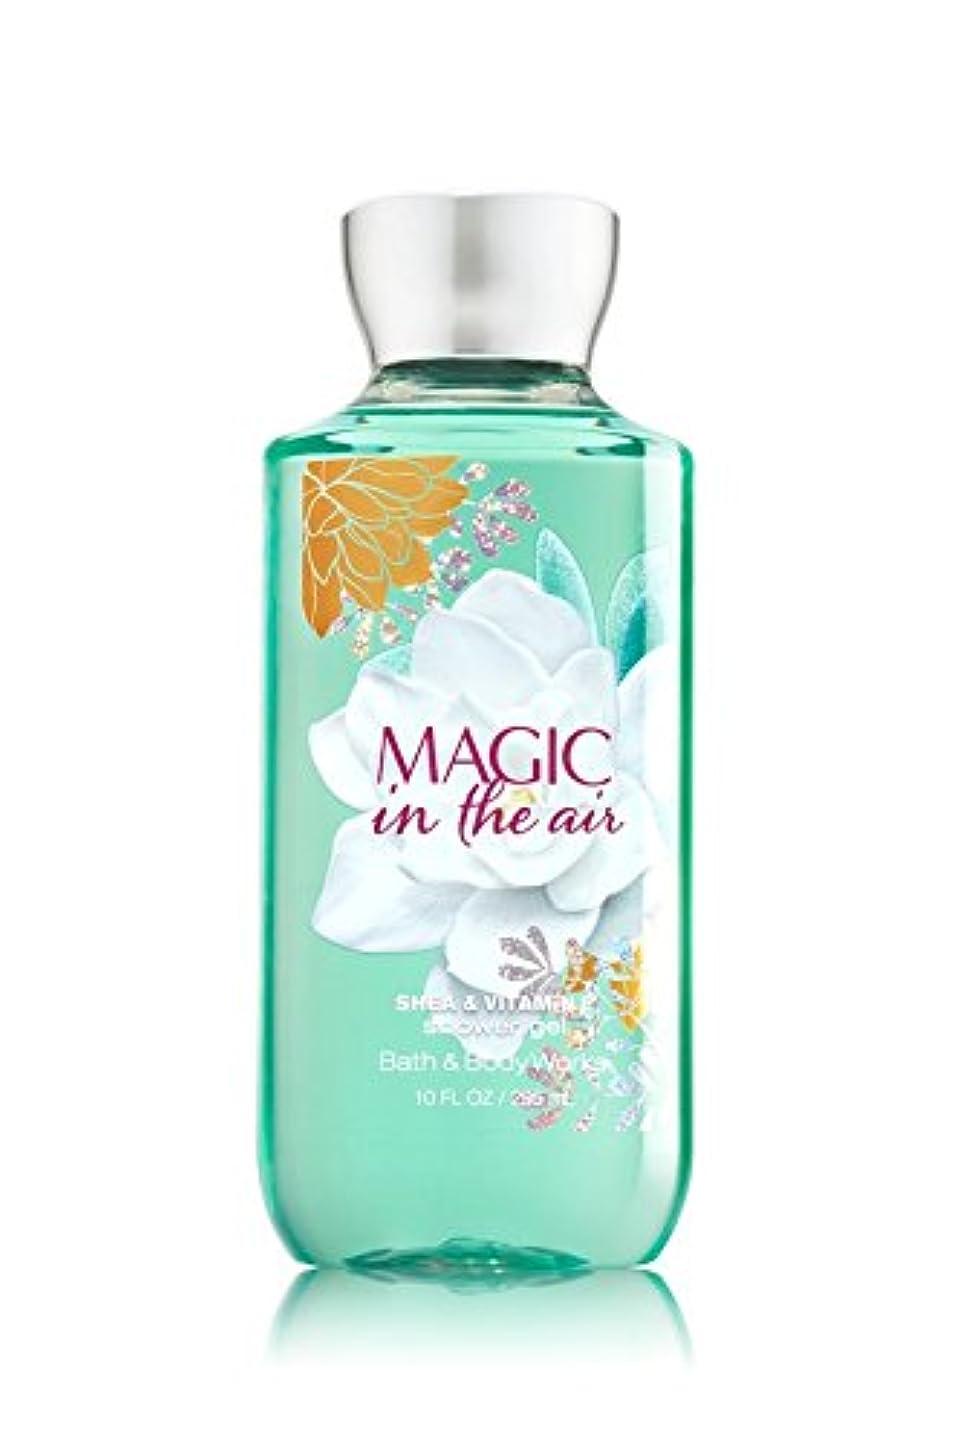 ひらめきサンダルアクティビティ【Bath&Body Works/バス&ボディワークス】 シャワージェル マジックインザエアー Shower Gel Magic in the Air 10 fl oz / 295 mL [並行輸入品]